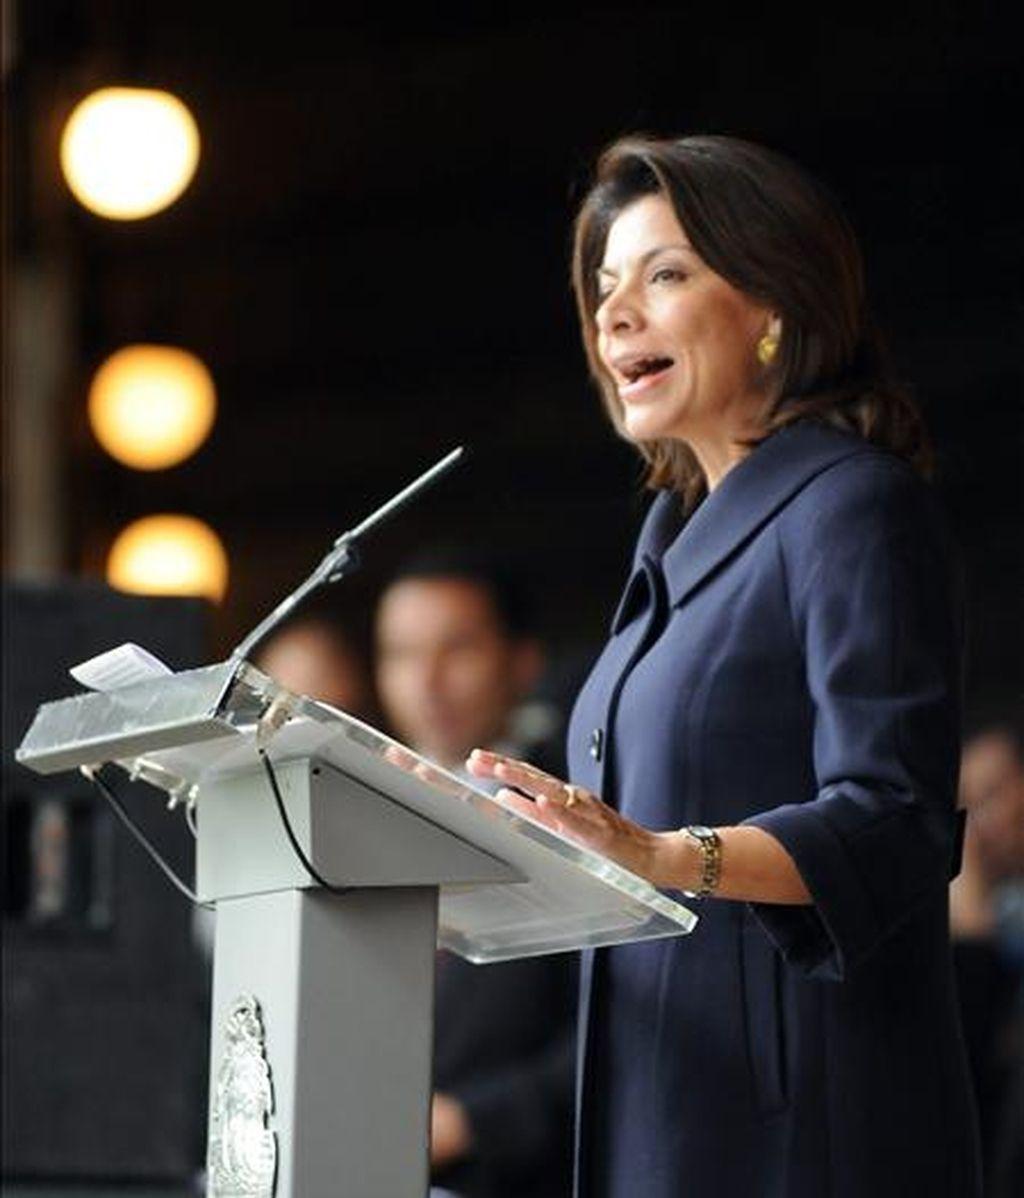 La presidenta de Costa Rica, Laura Chinchilla pronuncia un discurso este 1 de diciembre durante los actos de conmemoración del 62 aniversario de la abolición del Ejército costarricense, en San José, Costa Rica. EFE